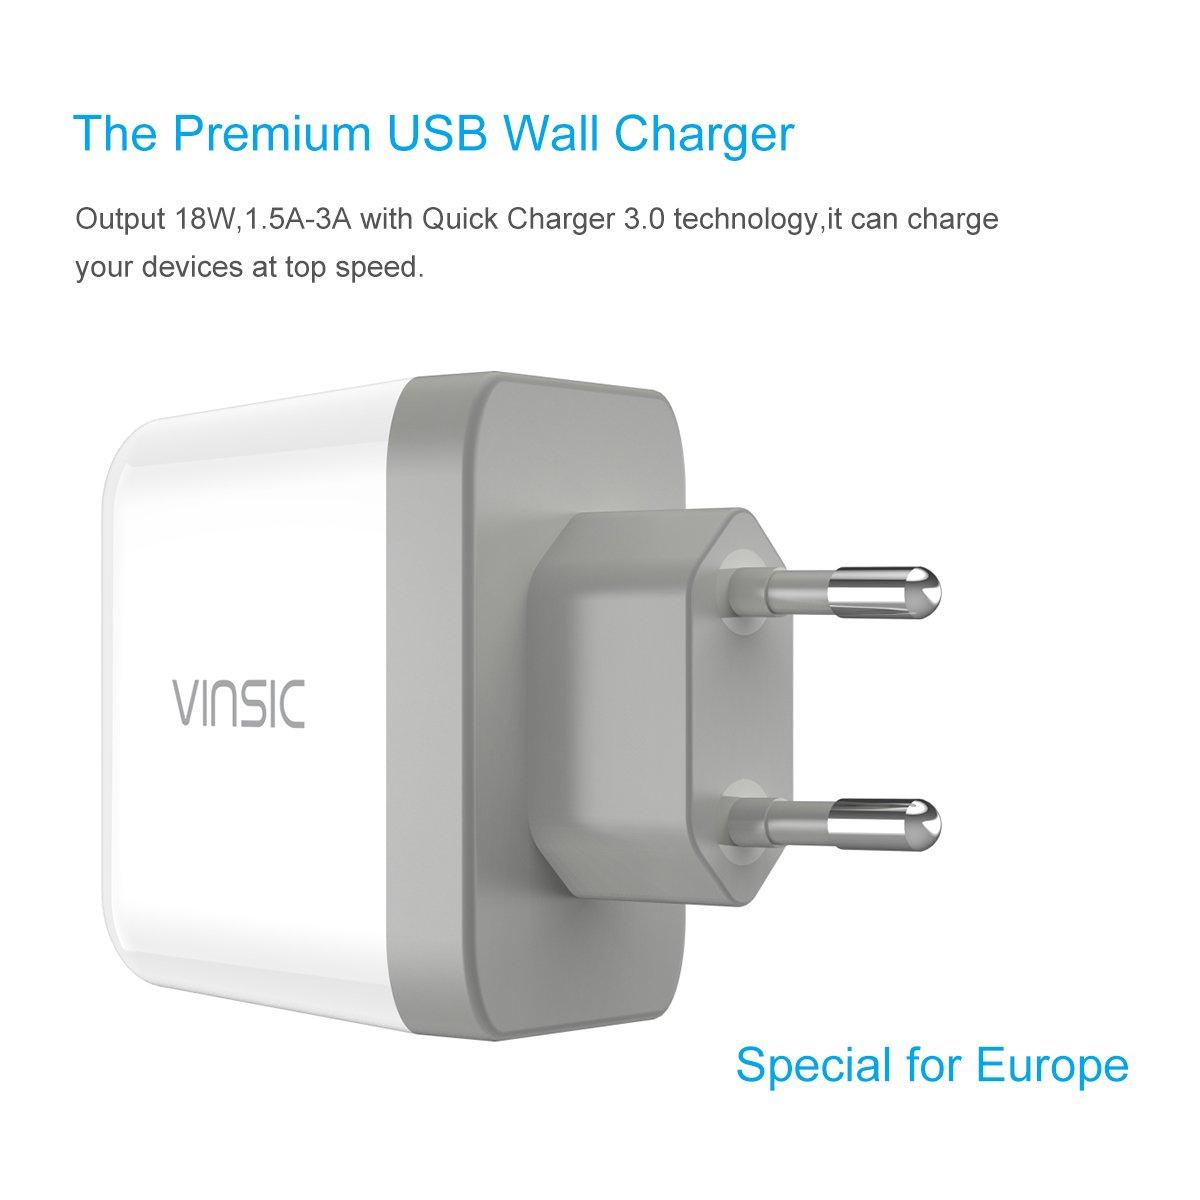 Nueva Versión] Cargador rápido 3.0, Vinsic Quick Charge 3.0 USB ...